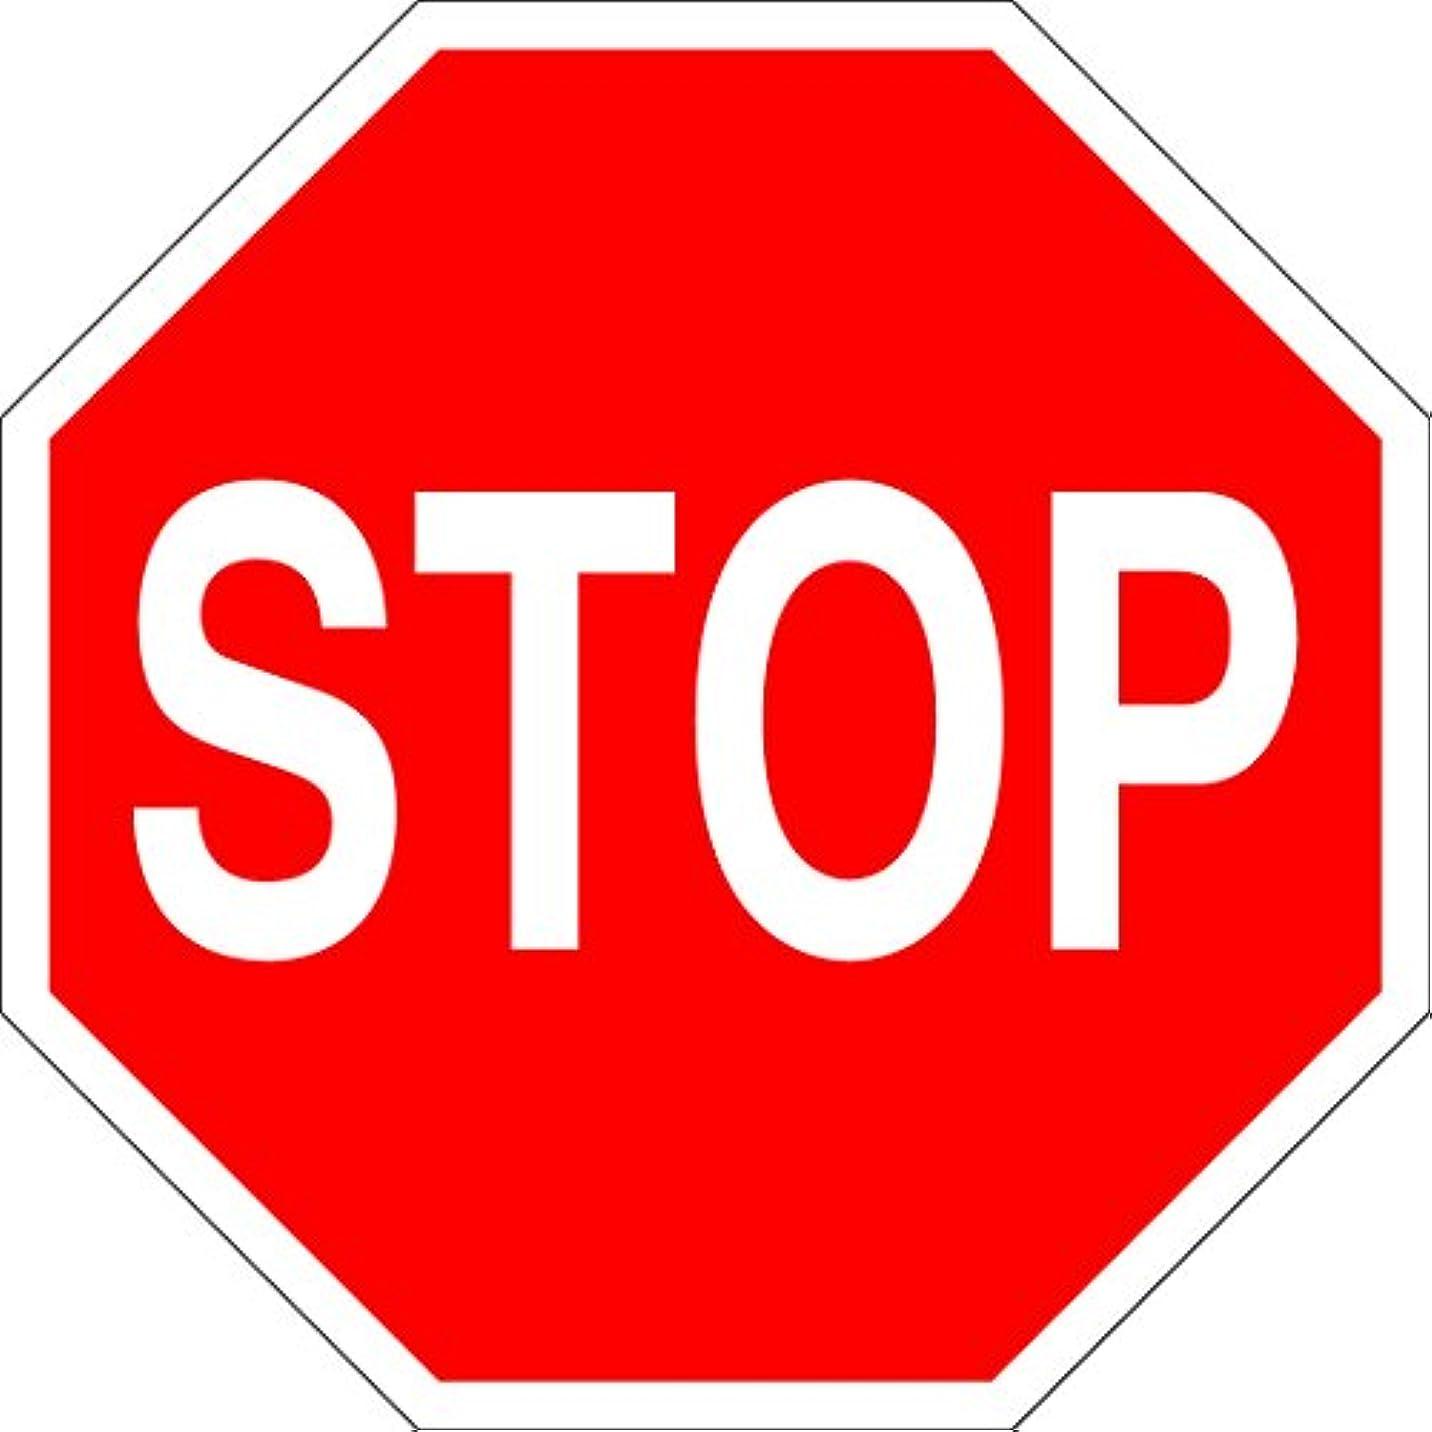 シガレット接続乳剤SHIMADA ネズミを寄せつけない サインボード ストップ